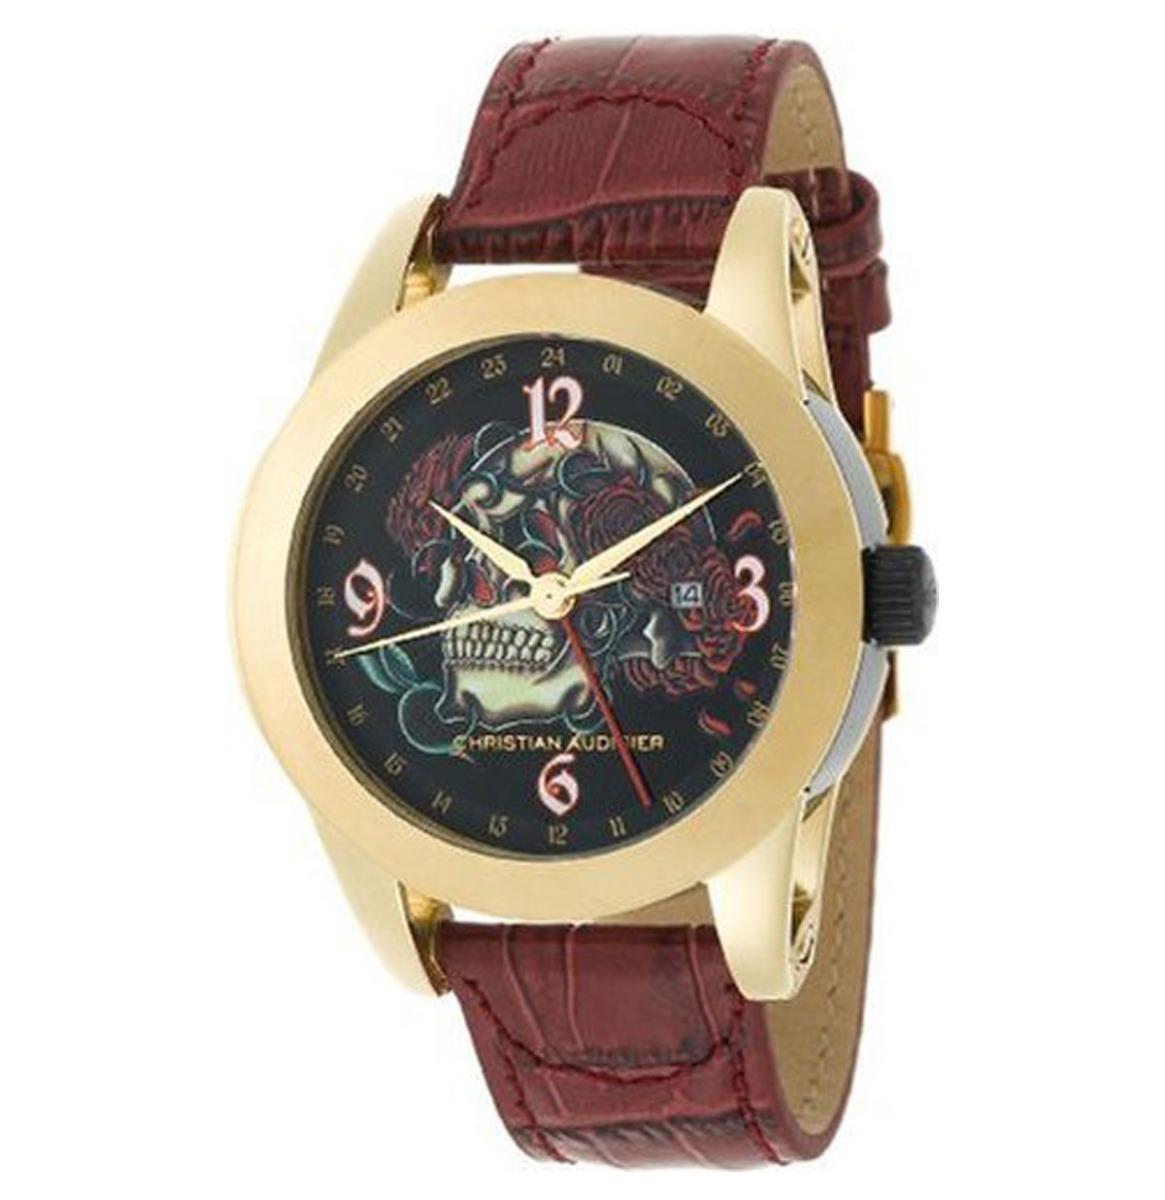 Christian Audigier Crown Of Roses Unisex Horloge